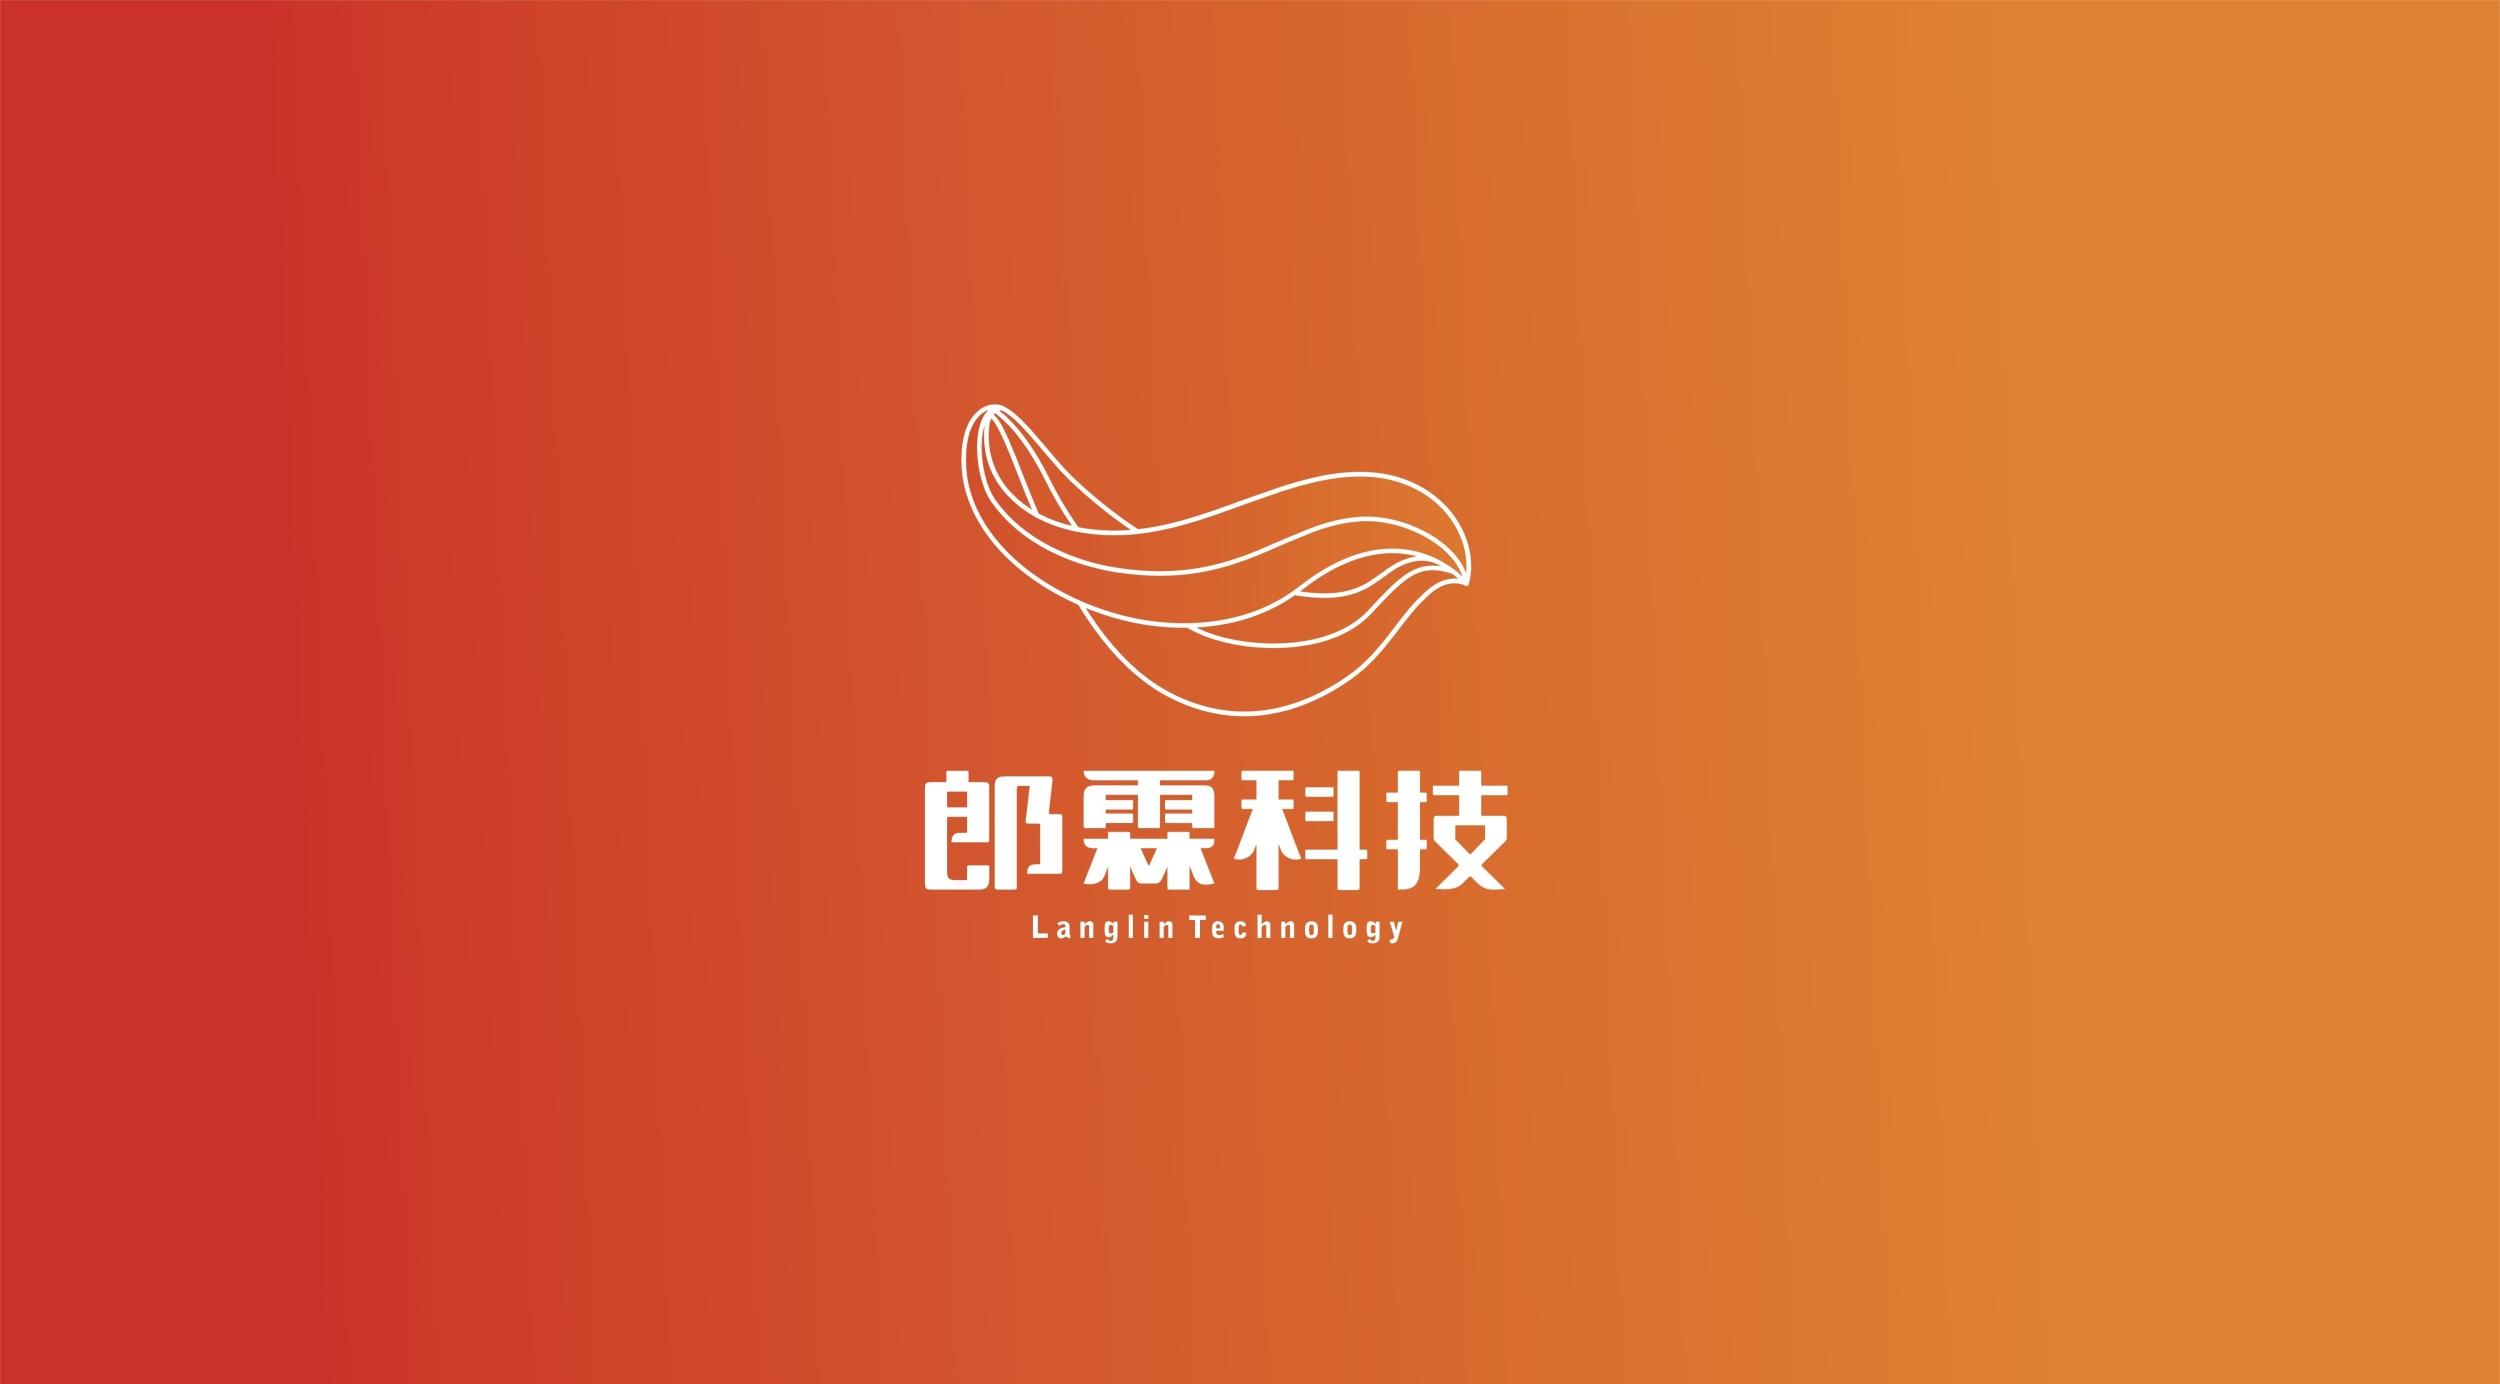 四川郎霖农业科技有限公司10